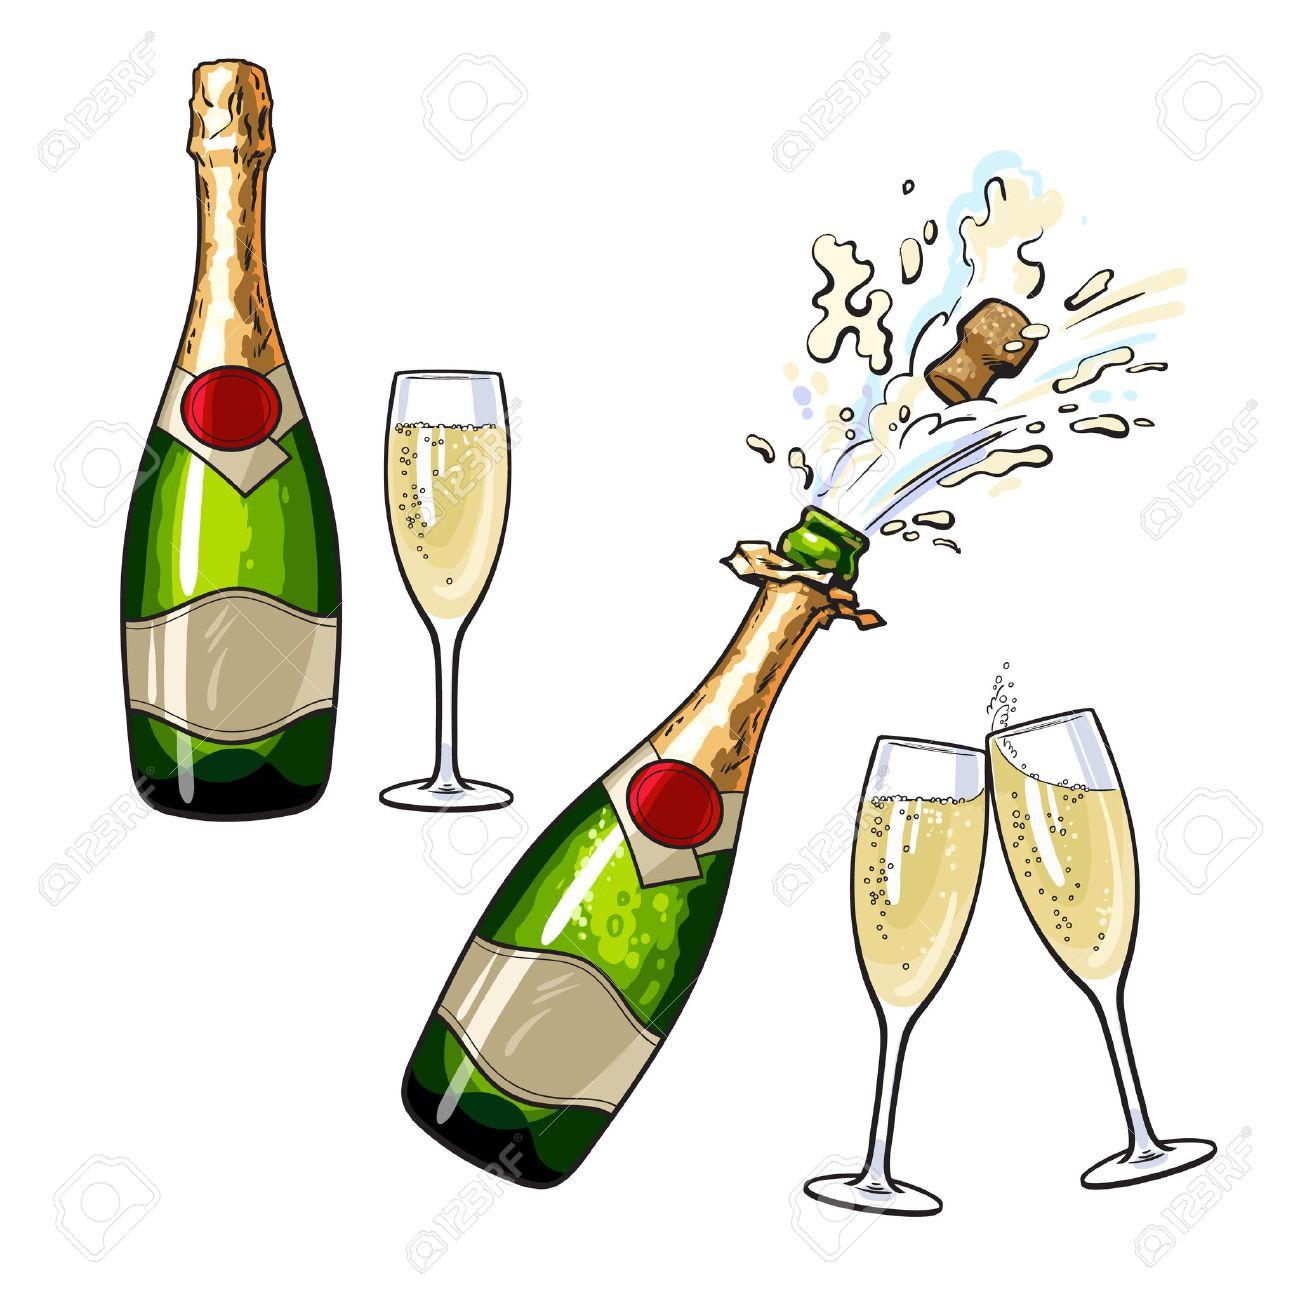 Ecran noir : les c****** de canal abonnement 64764088-bouteille-et-des-verres-champagne-ensemble-de-vecteur-de-bande-dessin%C3%A9e-illustrations-isol%C3%A9-sur-fond-bla